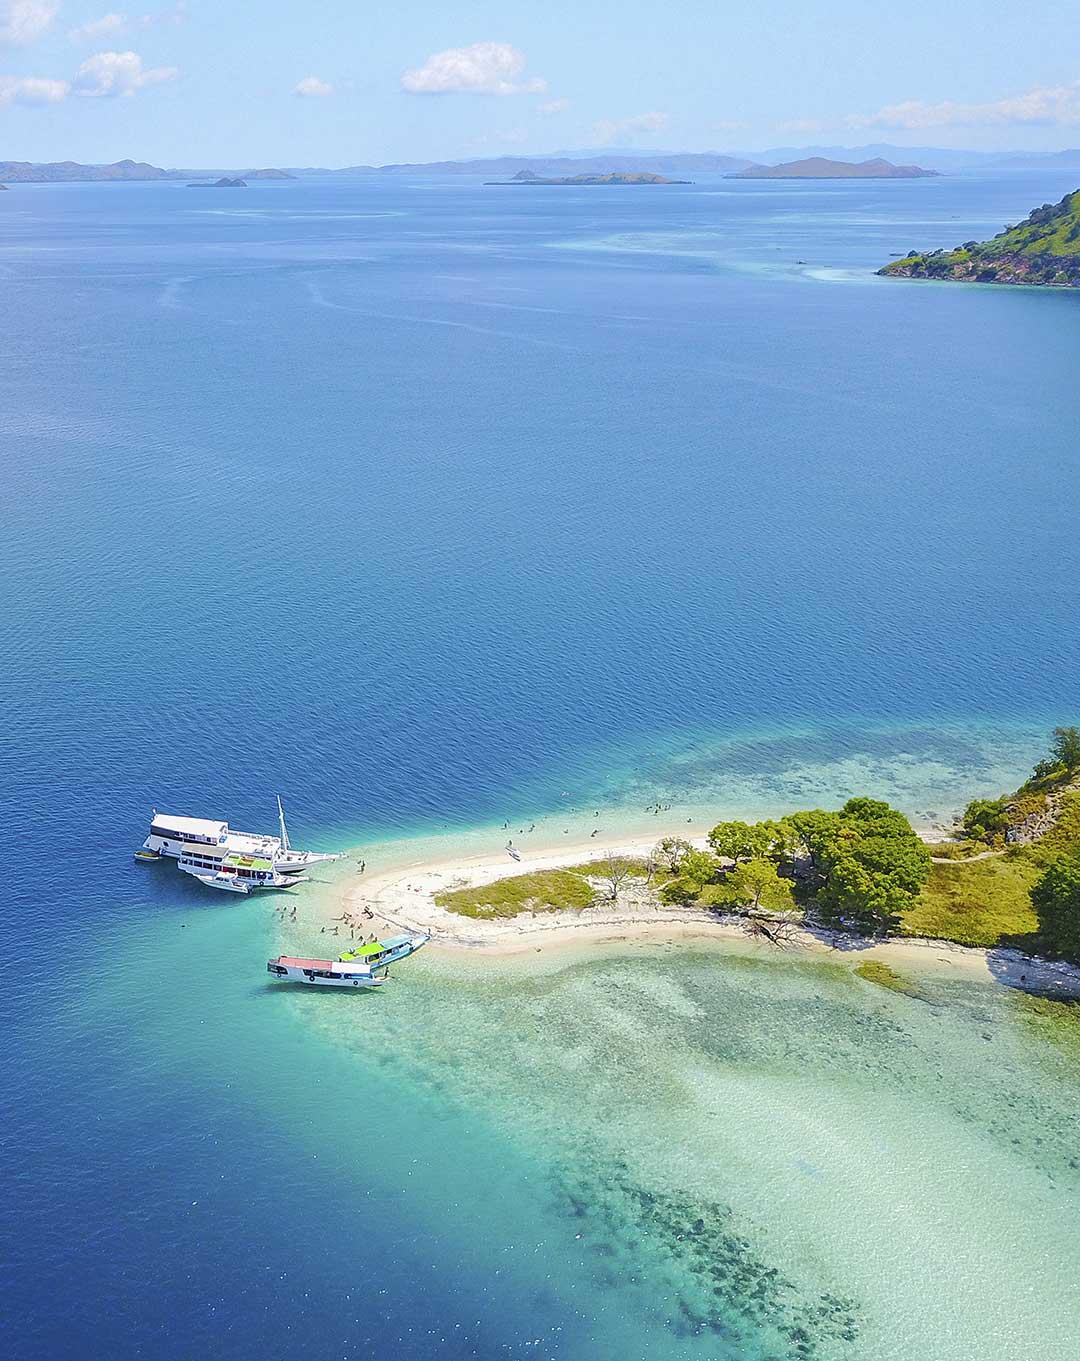 Kelor Island Dream Destination